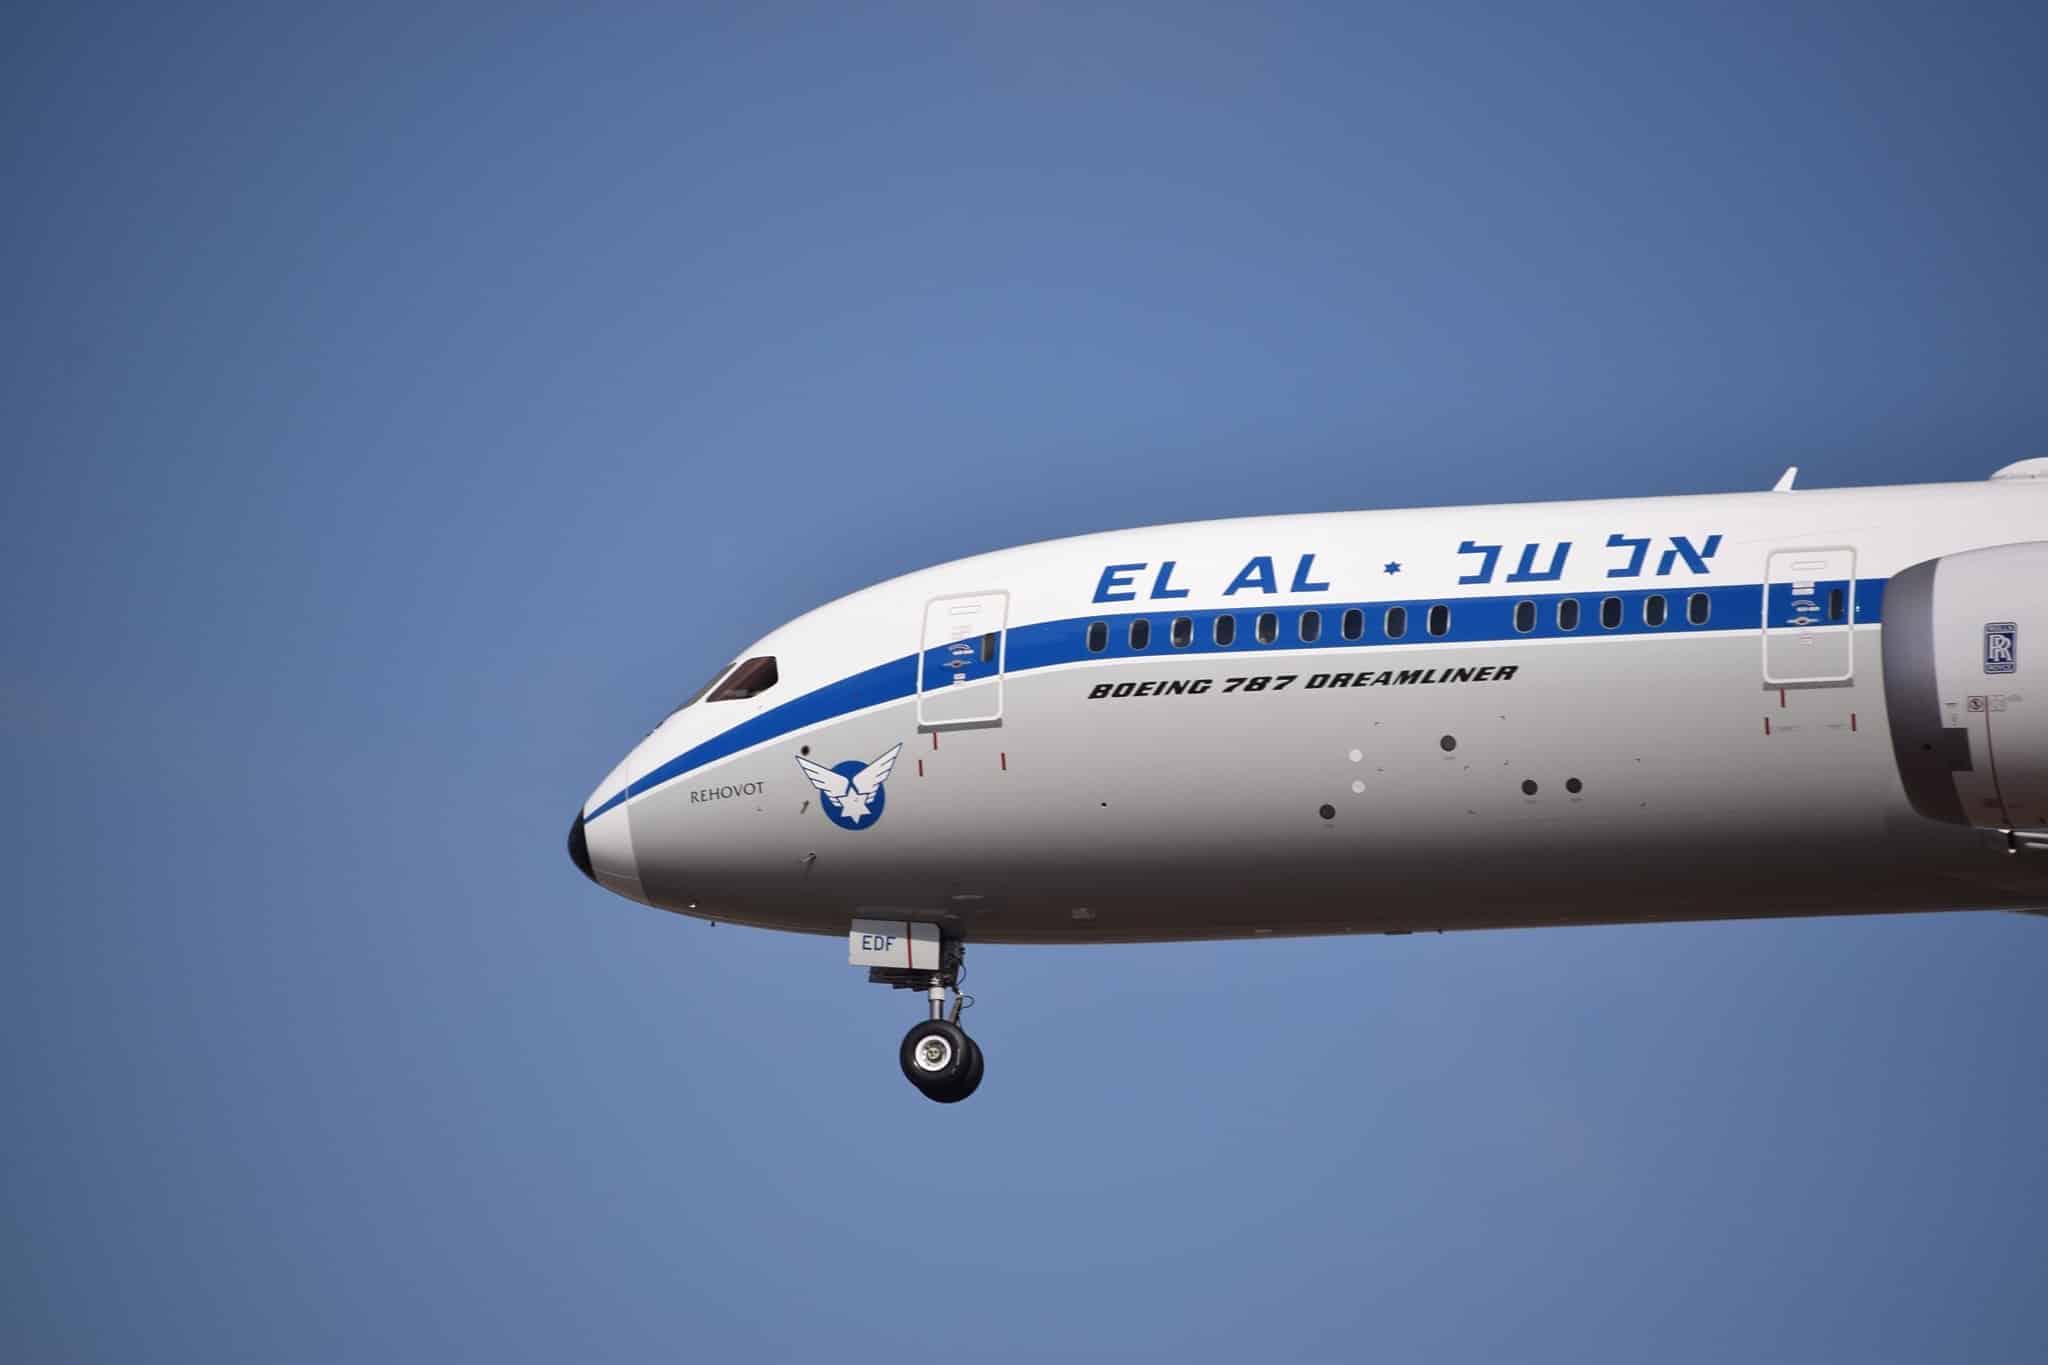 Boeing 787-9-EL-AL-retro görünümü